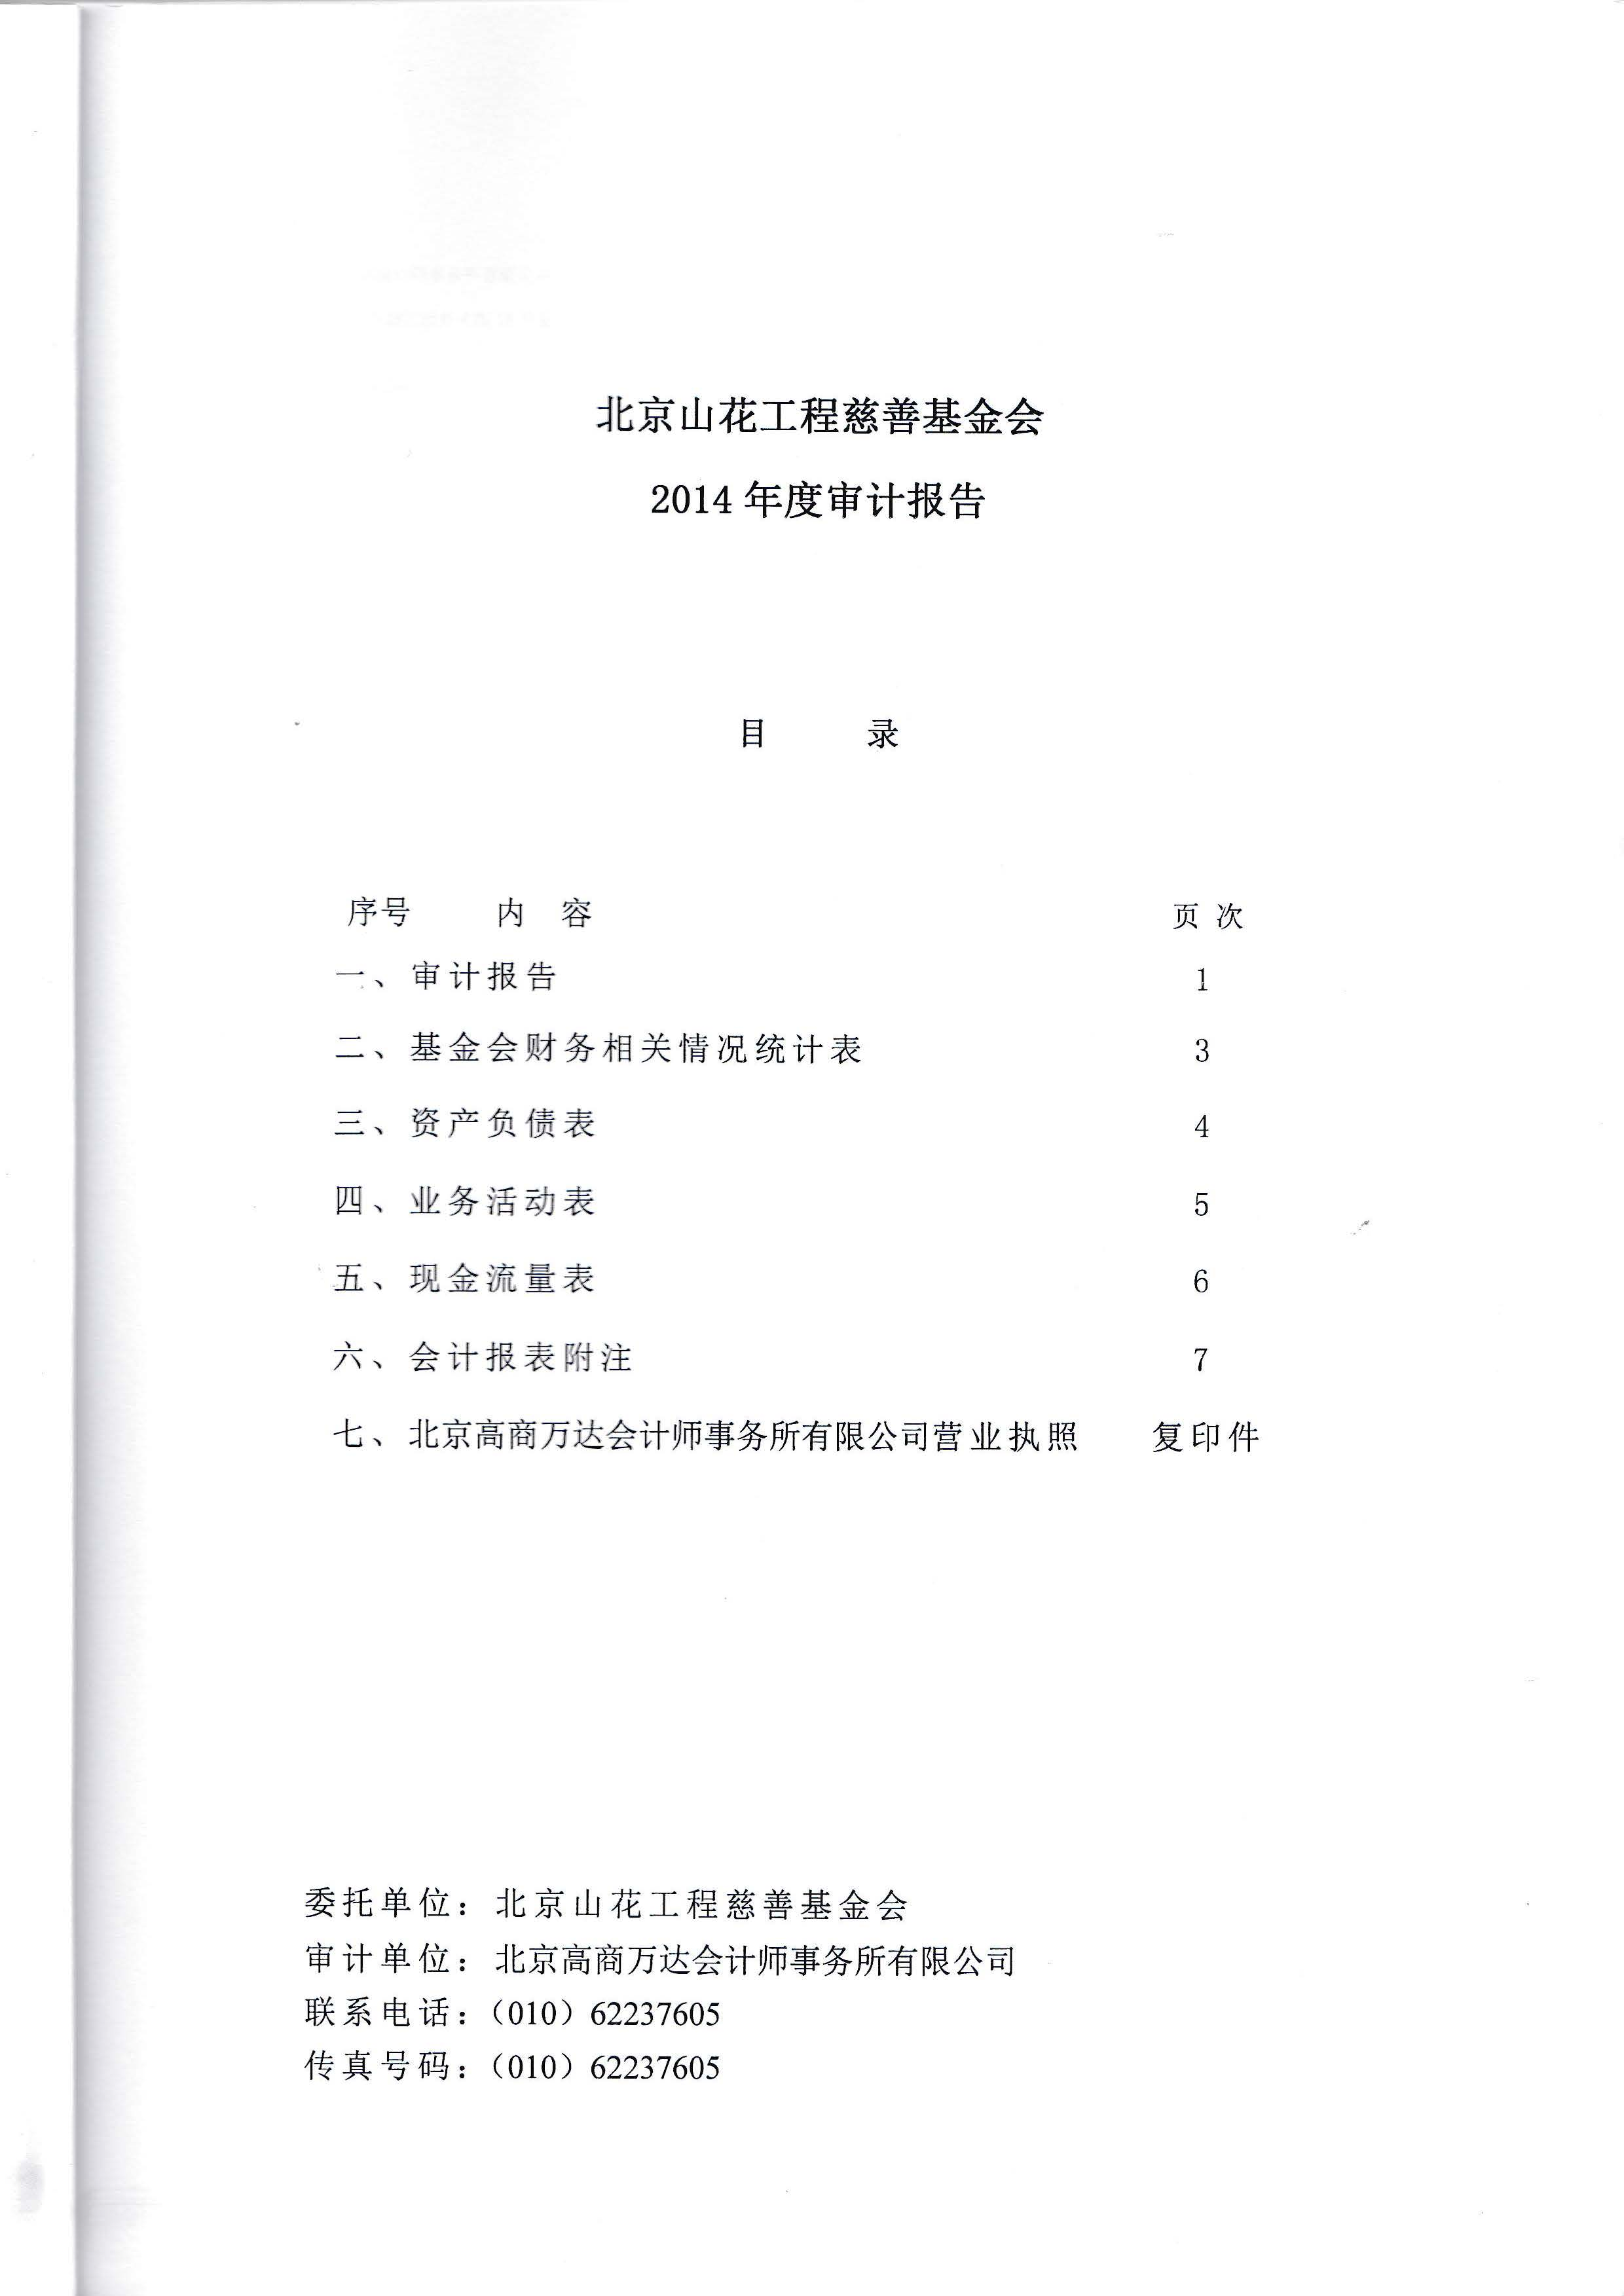 2014年审计报告_页面_02